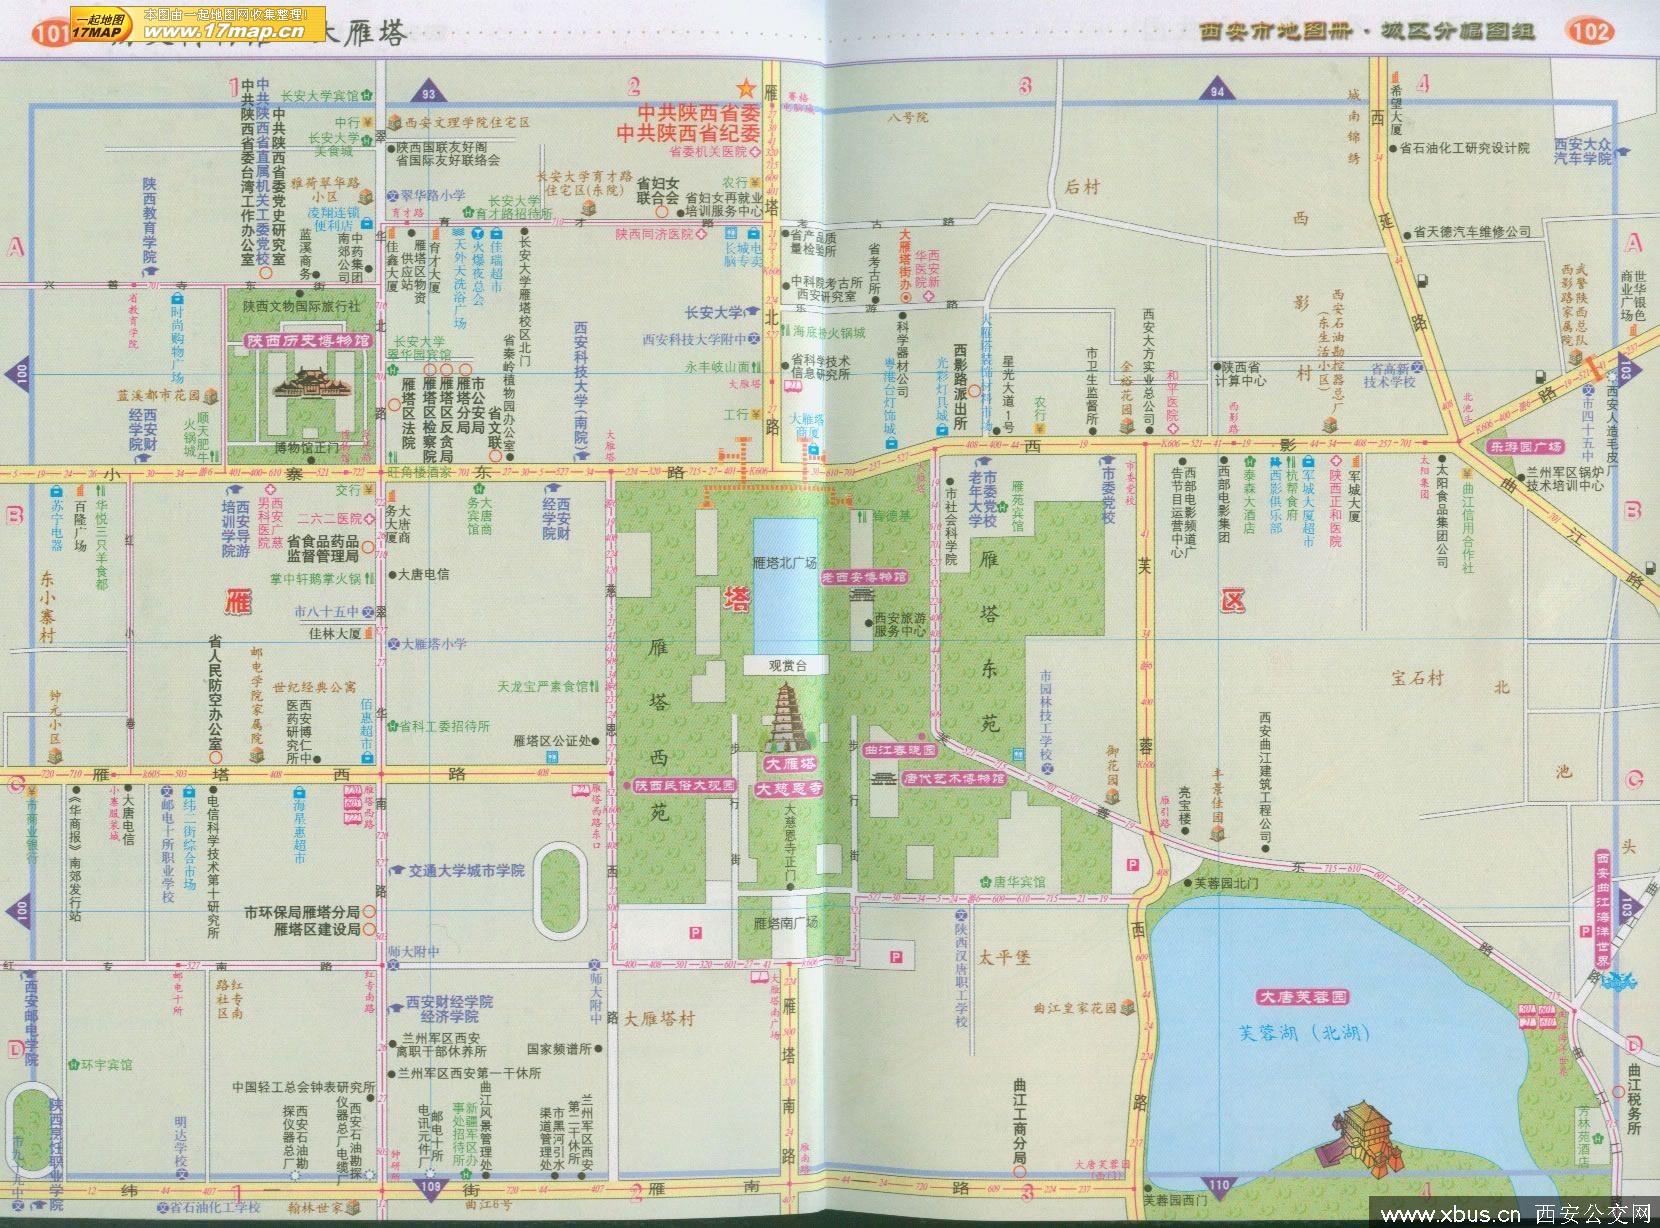 中国西安 大雁塔辺り観光ガイド地図